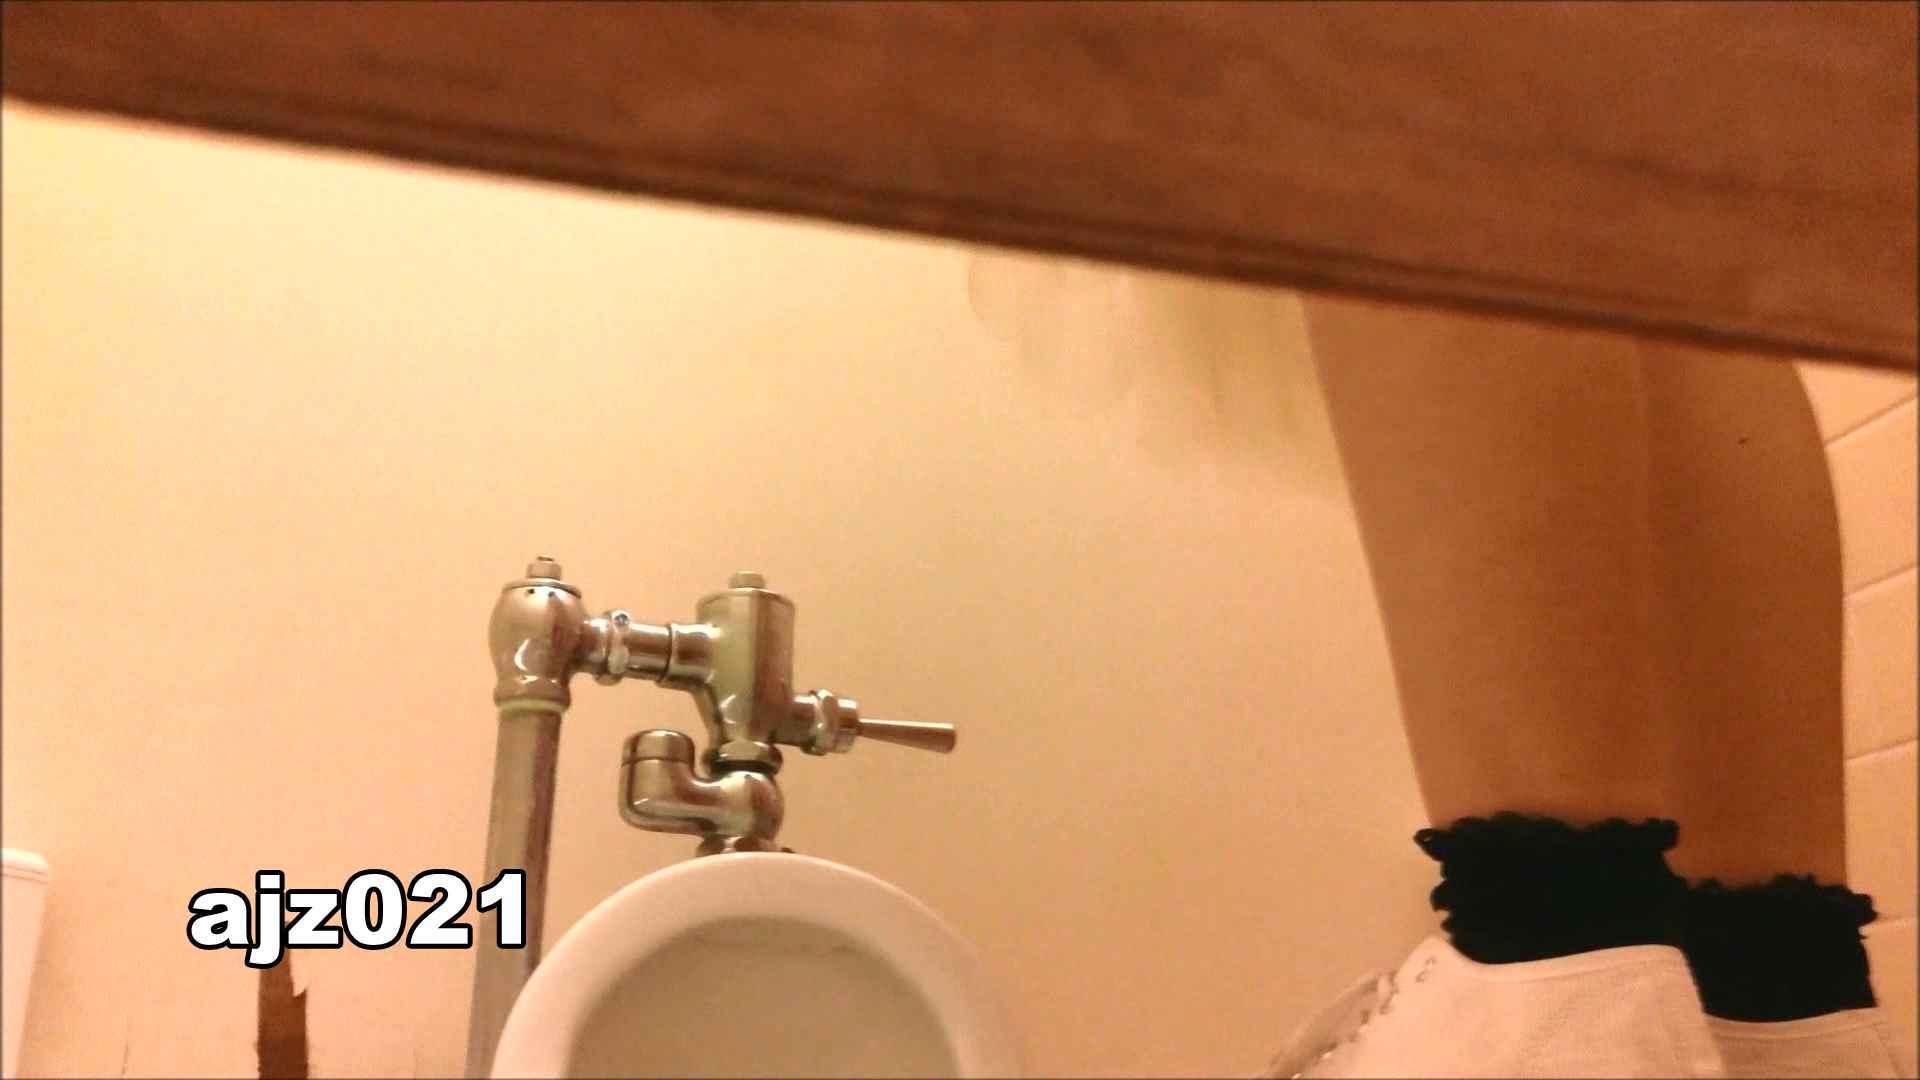 某有名大学女性洗面所 vol.21 OLセックス  75画像 20